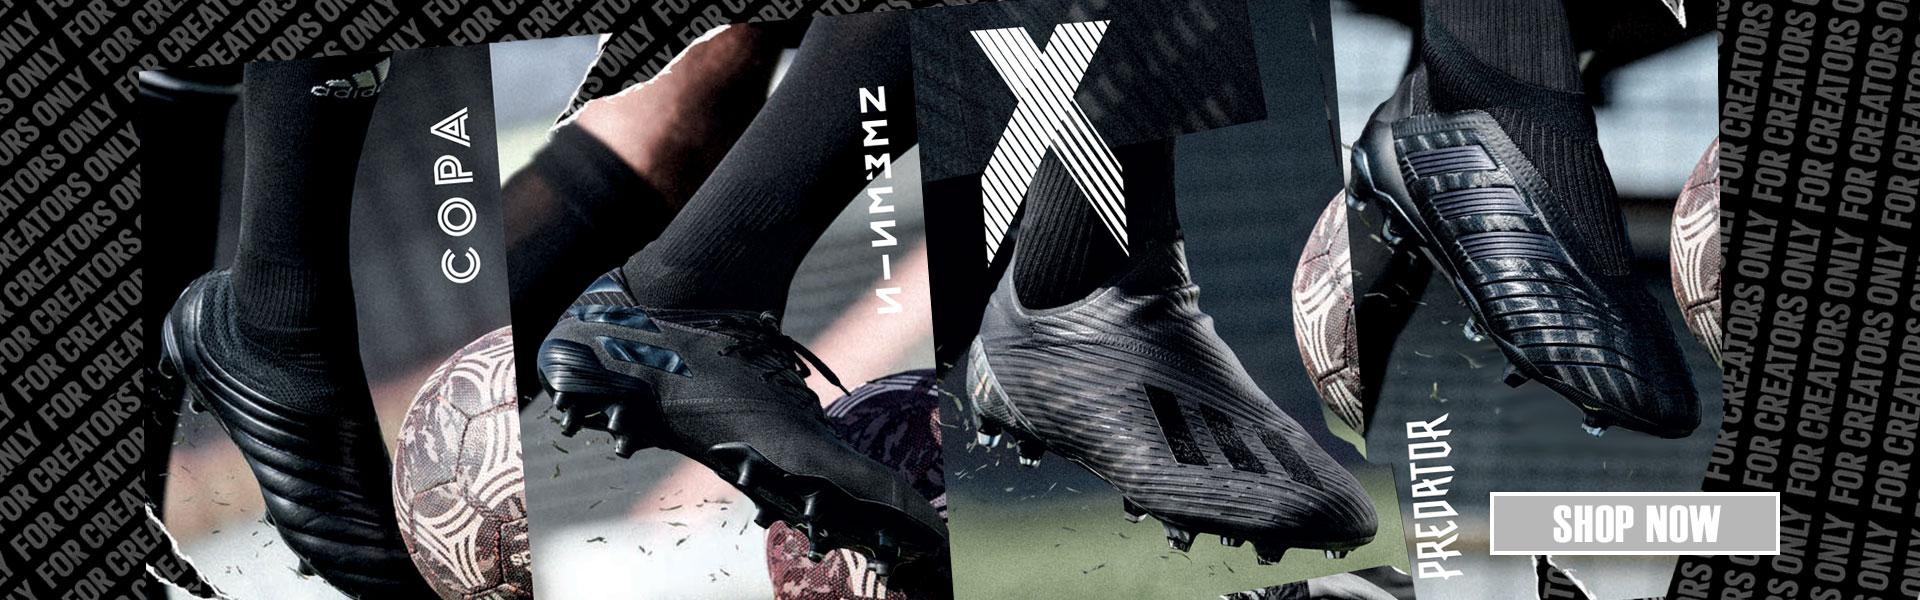 WeGotSoccer com | Soccer Shoes, Equipment and Apparel